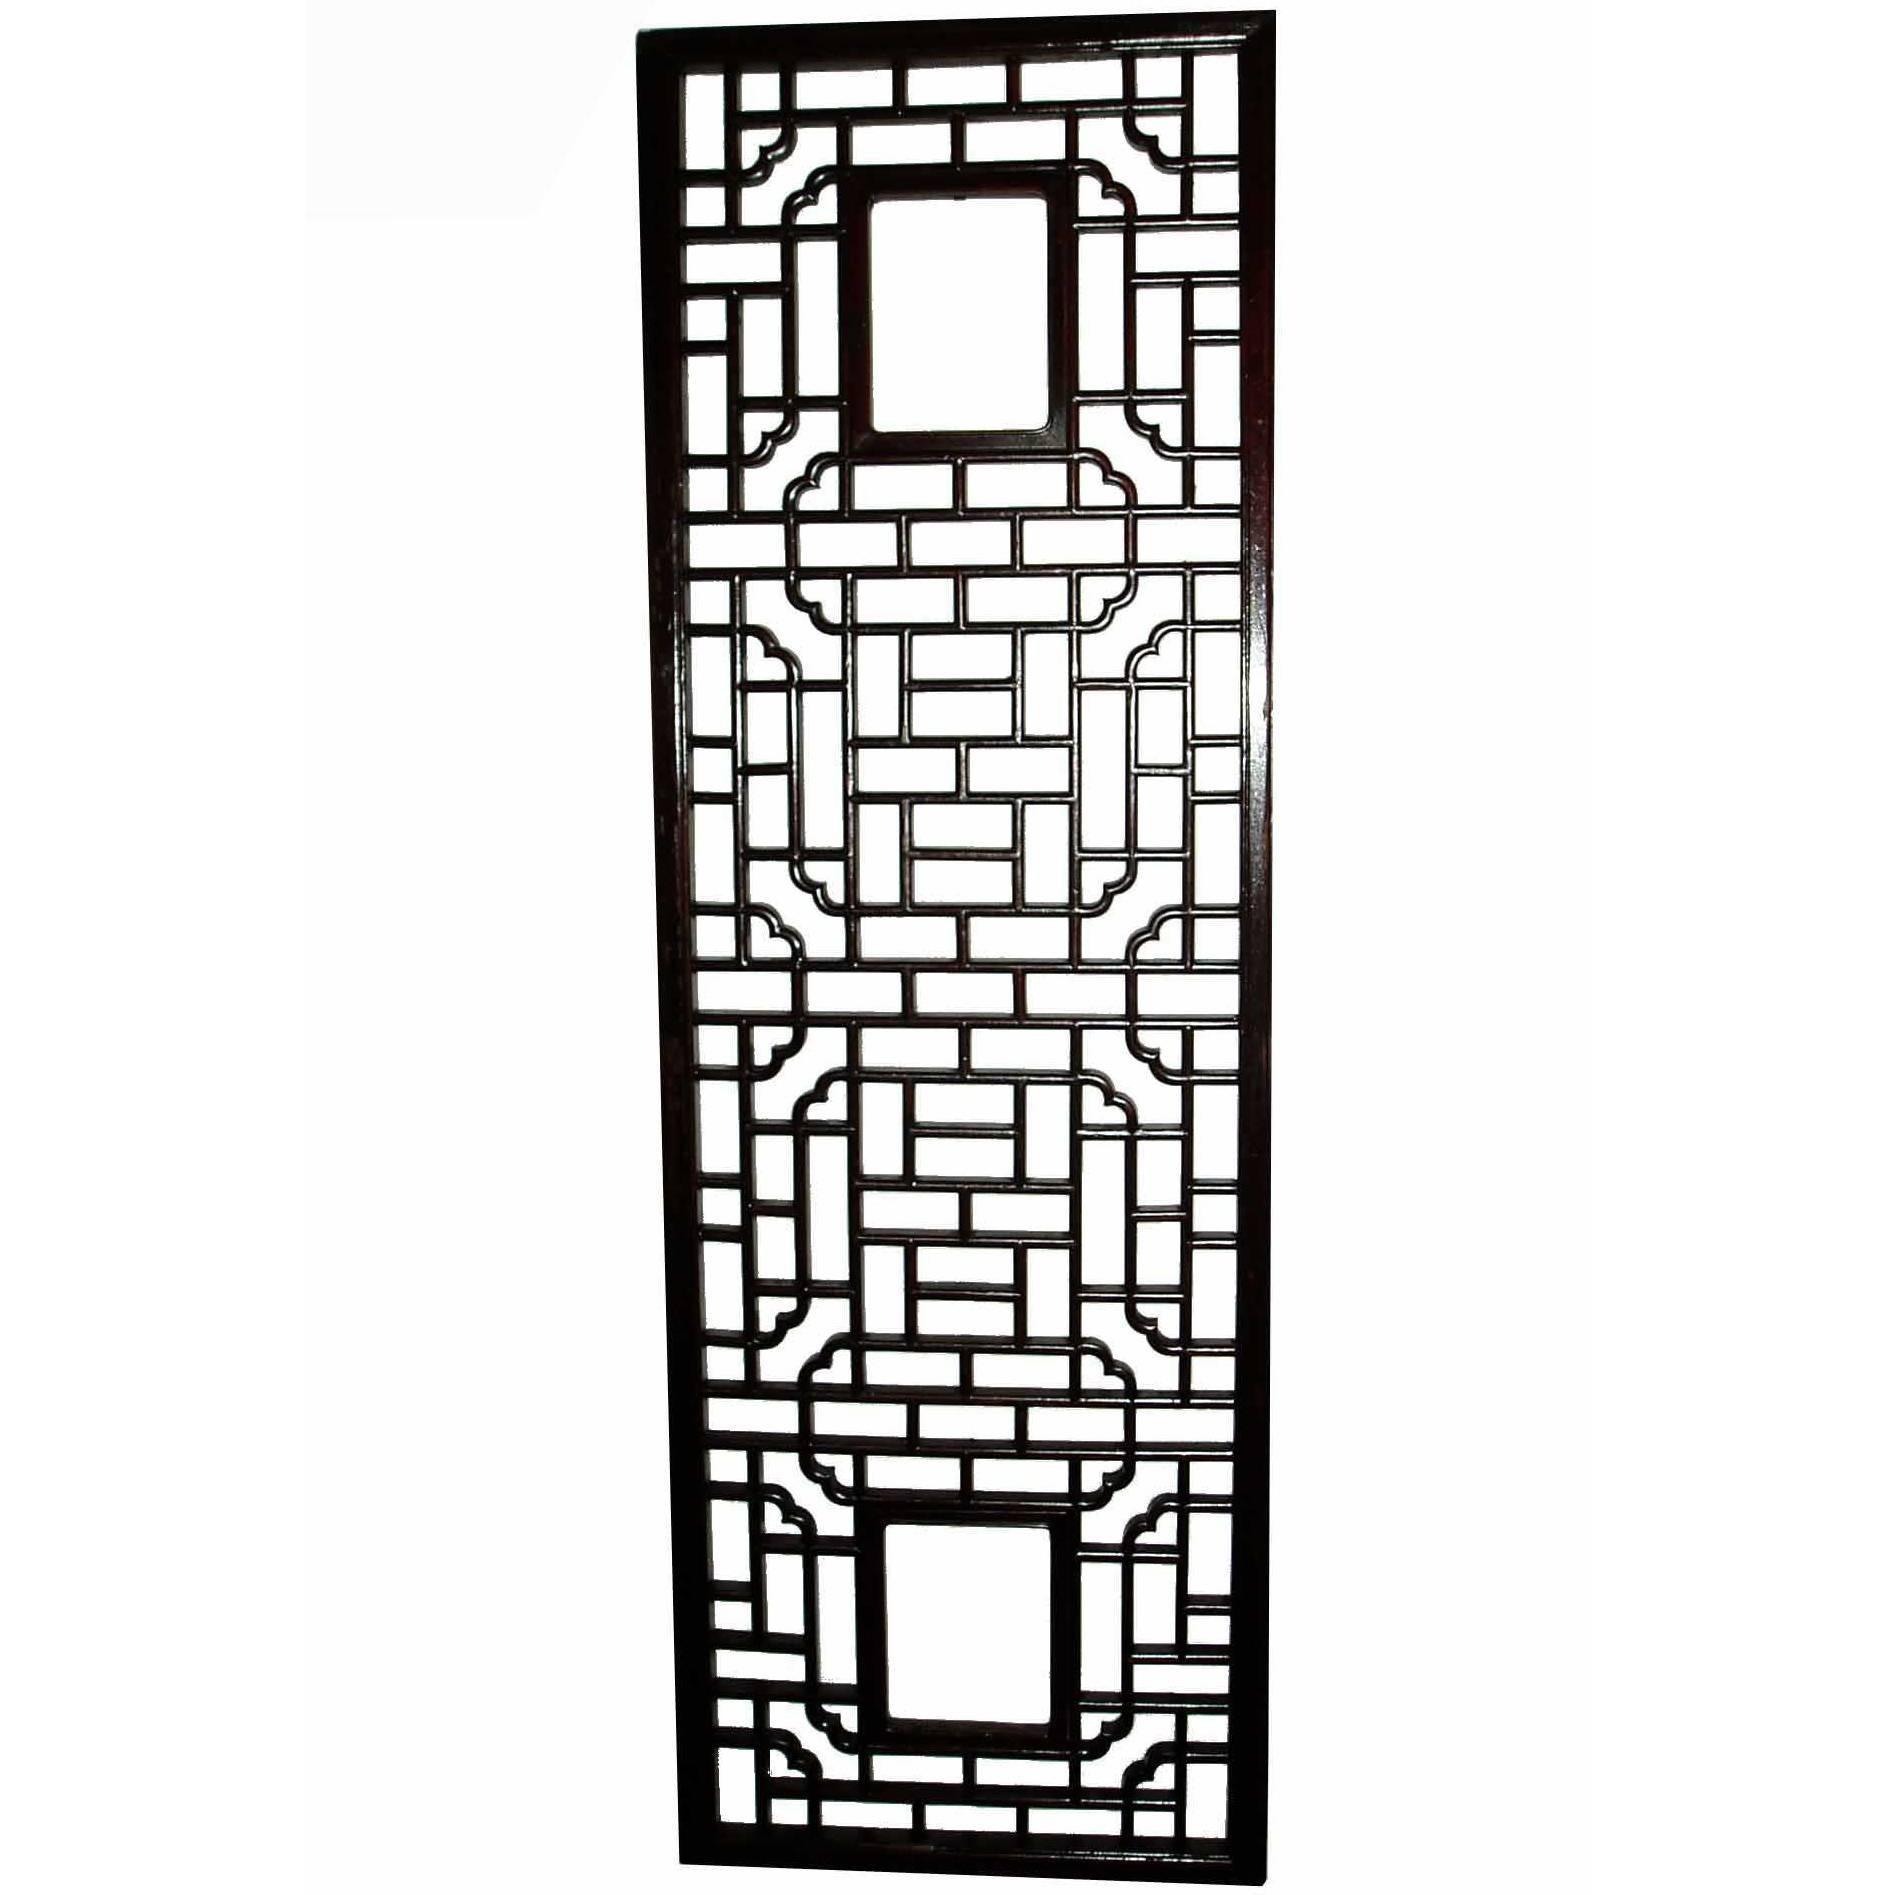 Mahogany Lattice Wall Panel, Mid 20th Century